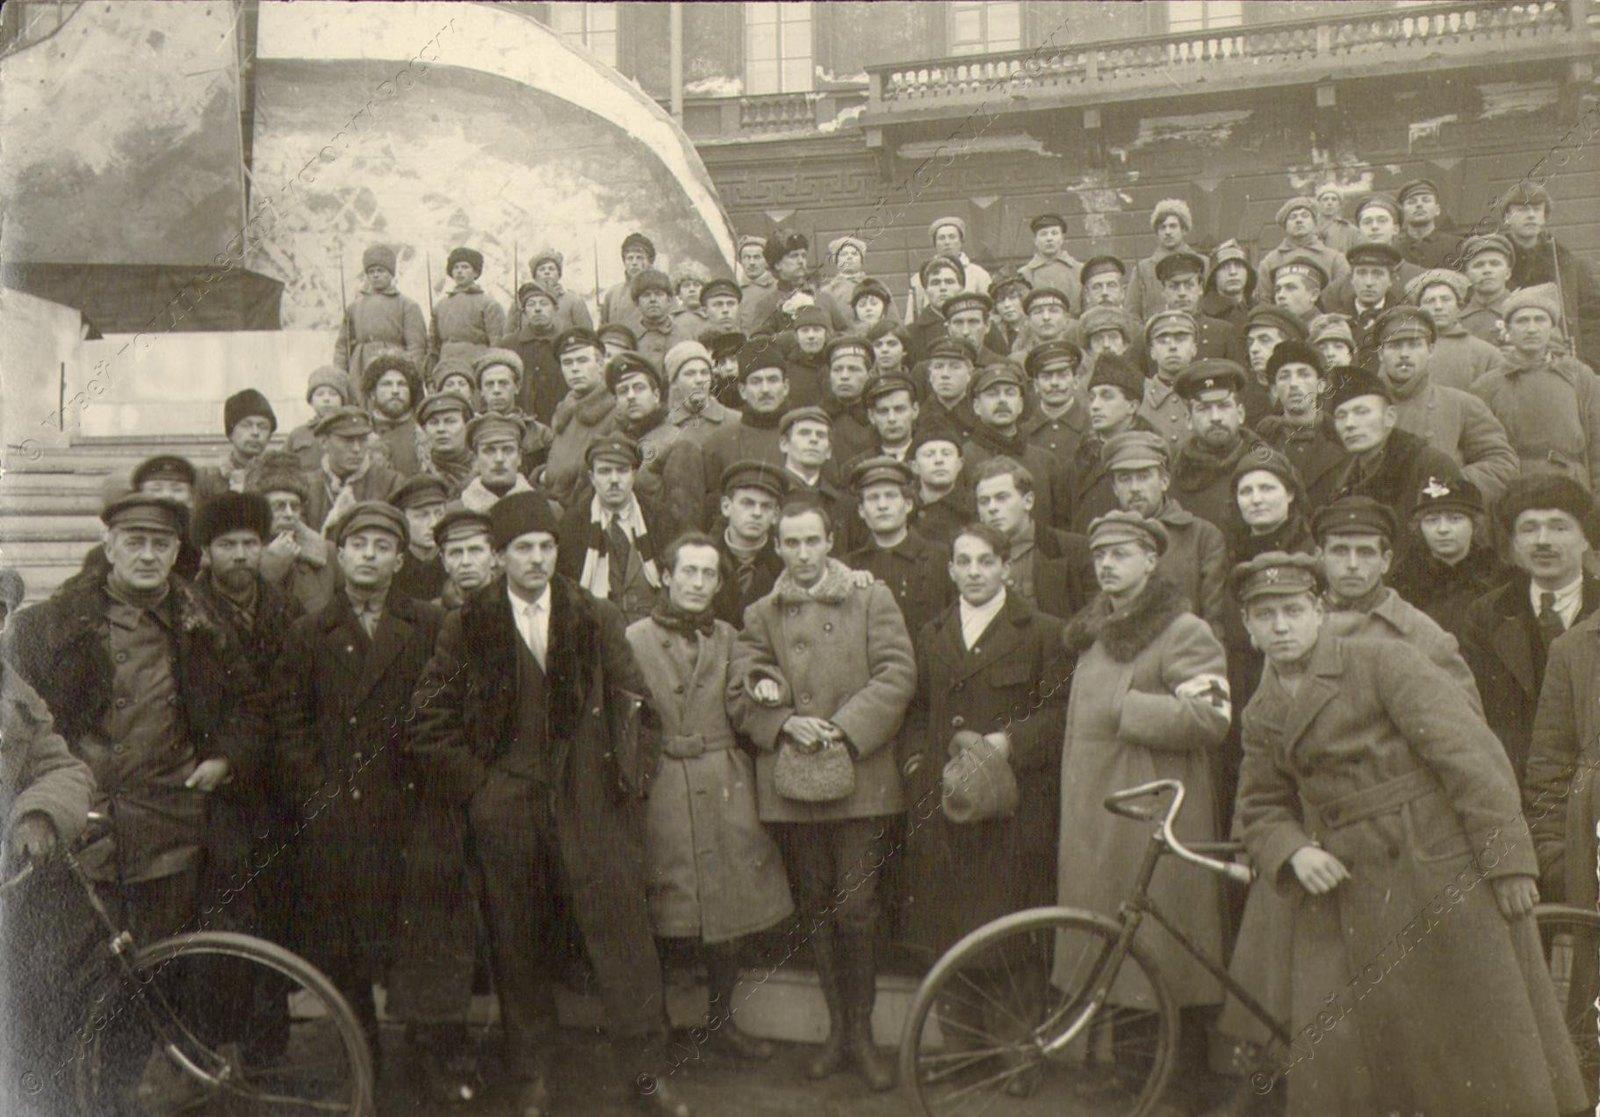 1918. Группа особоуполномоченных по организации октябрьских торжеств. Петроград